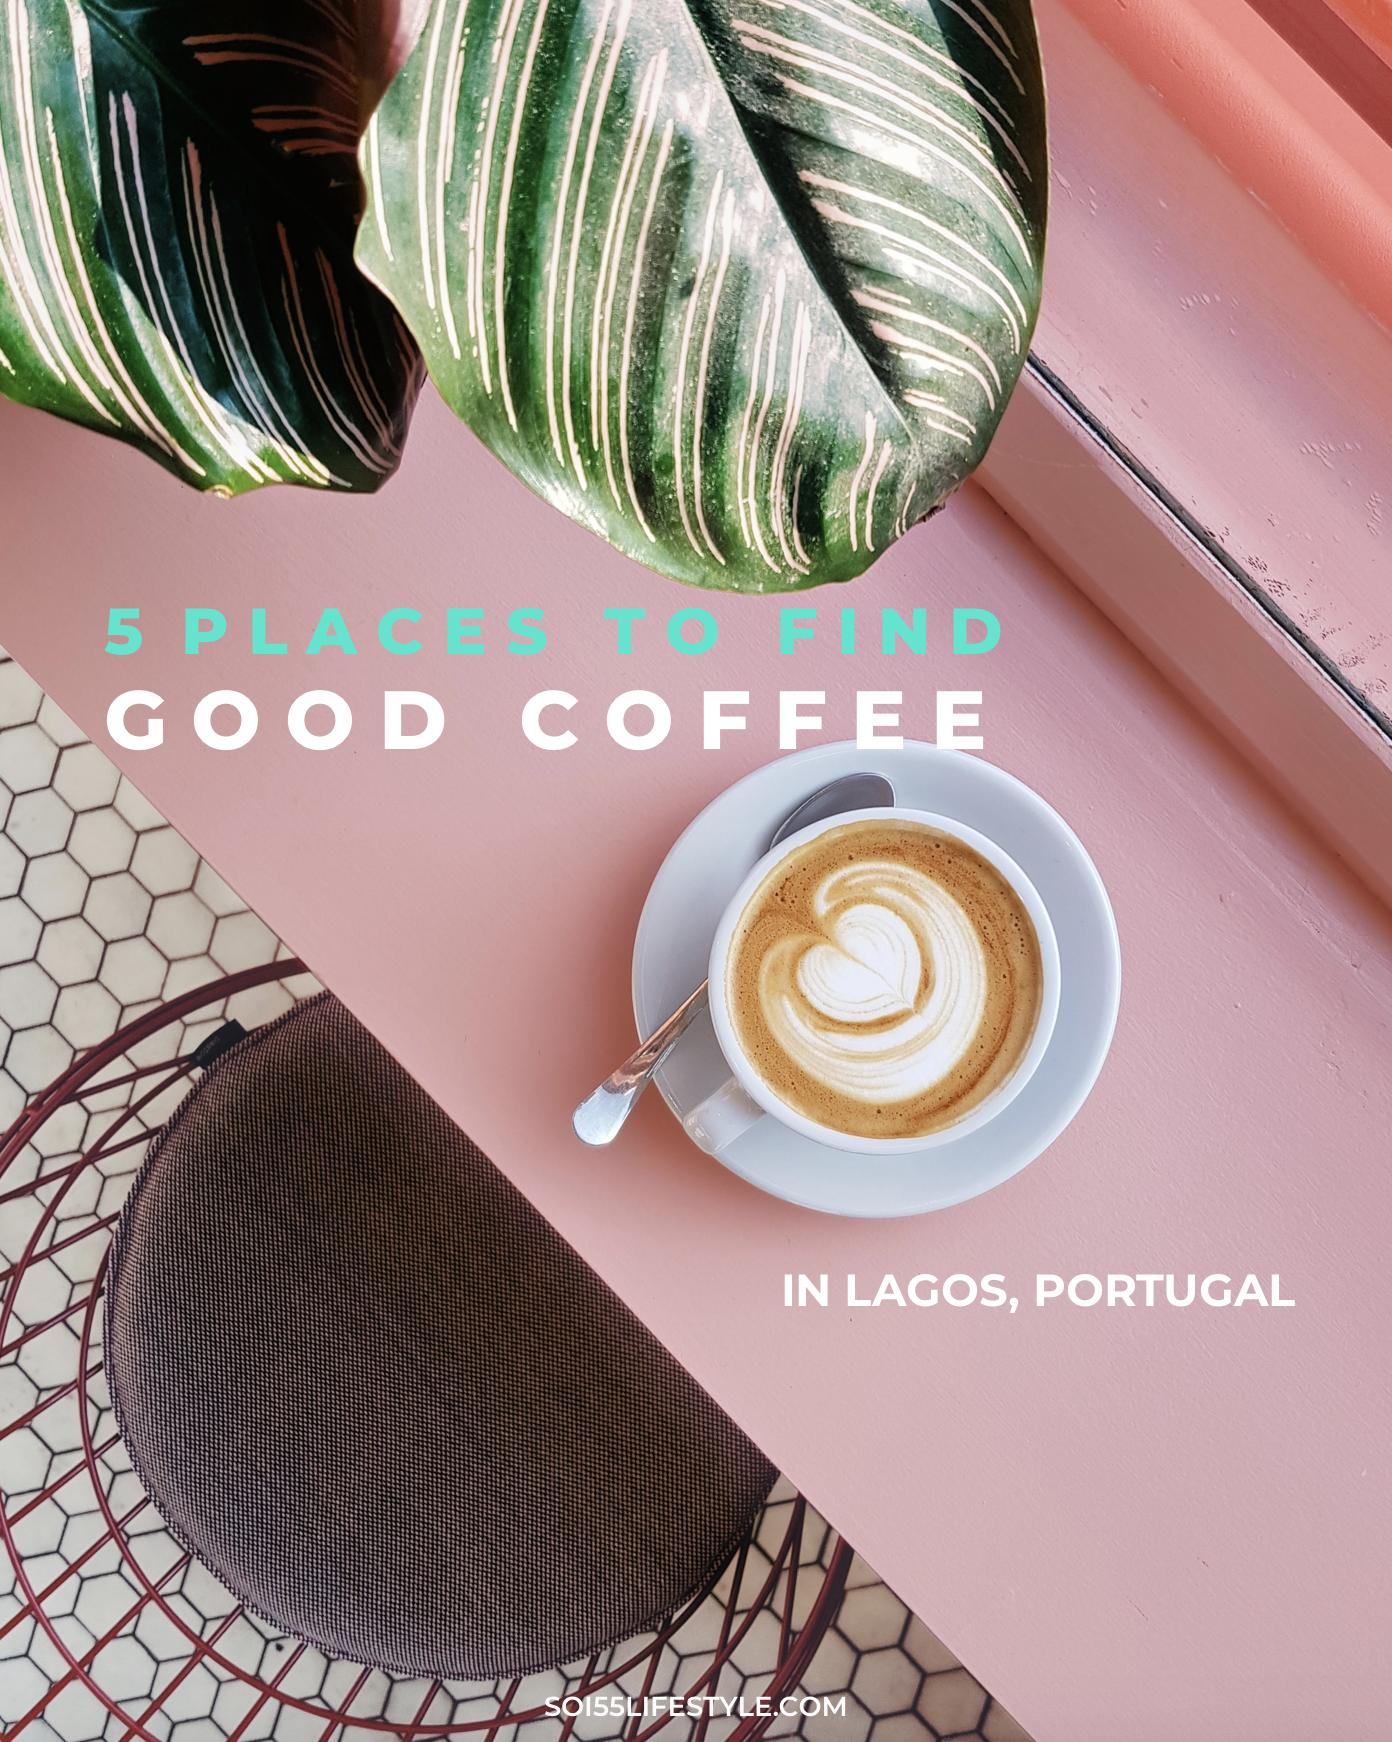 best-coffee-lagos-portugal.jpg